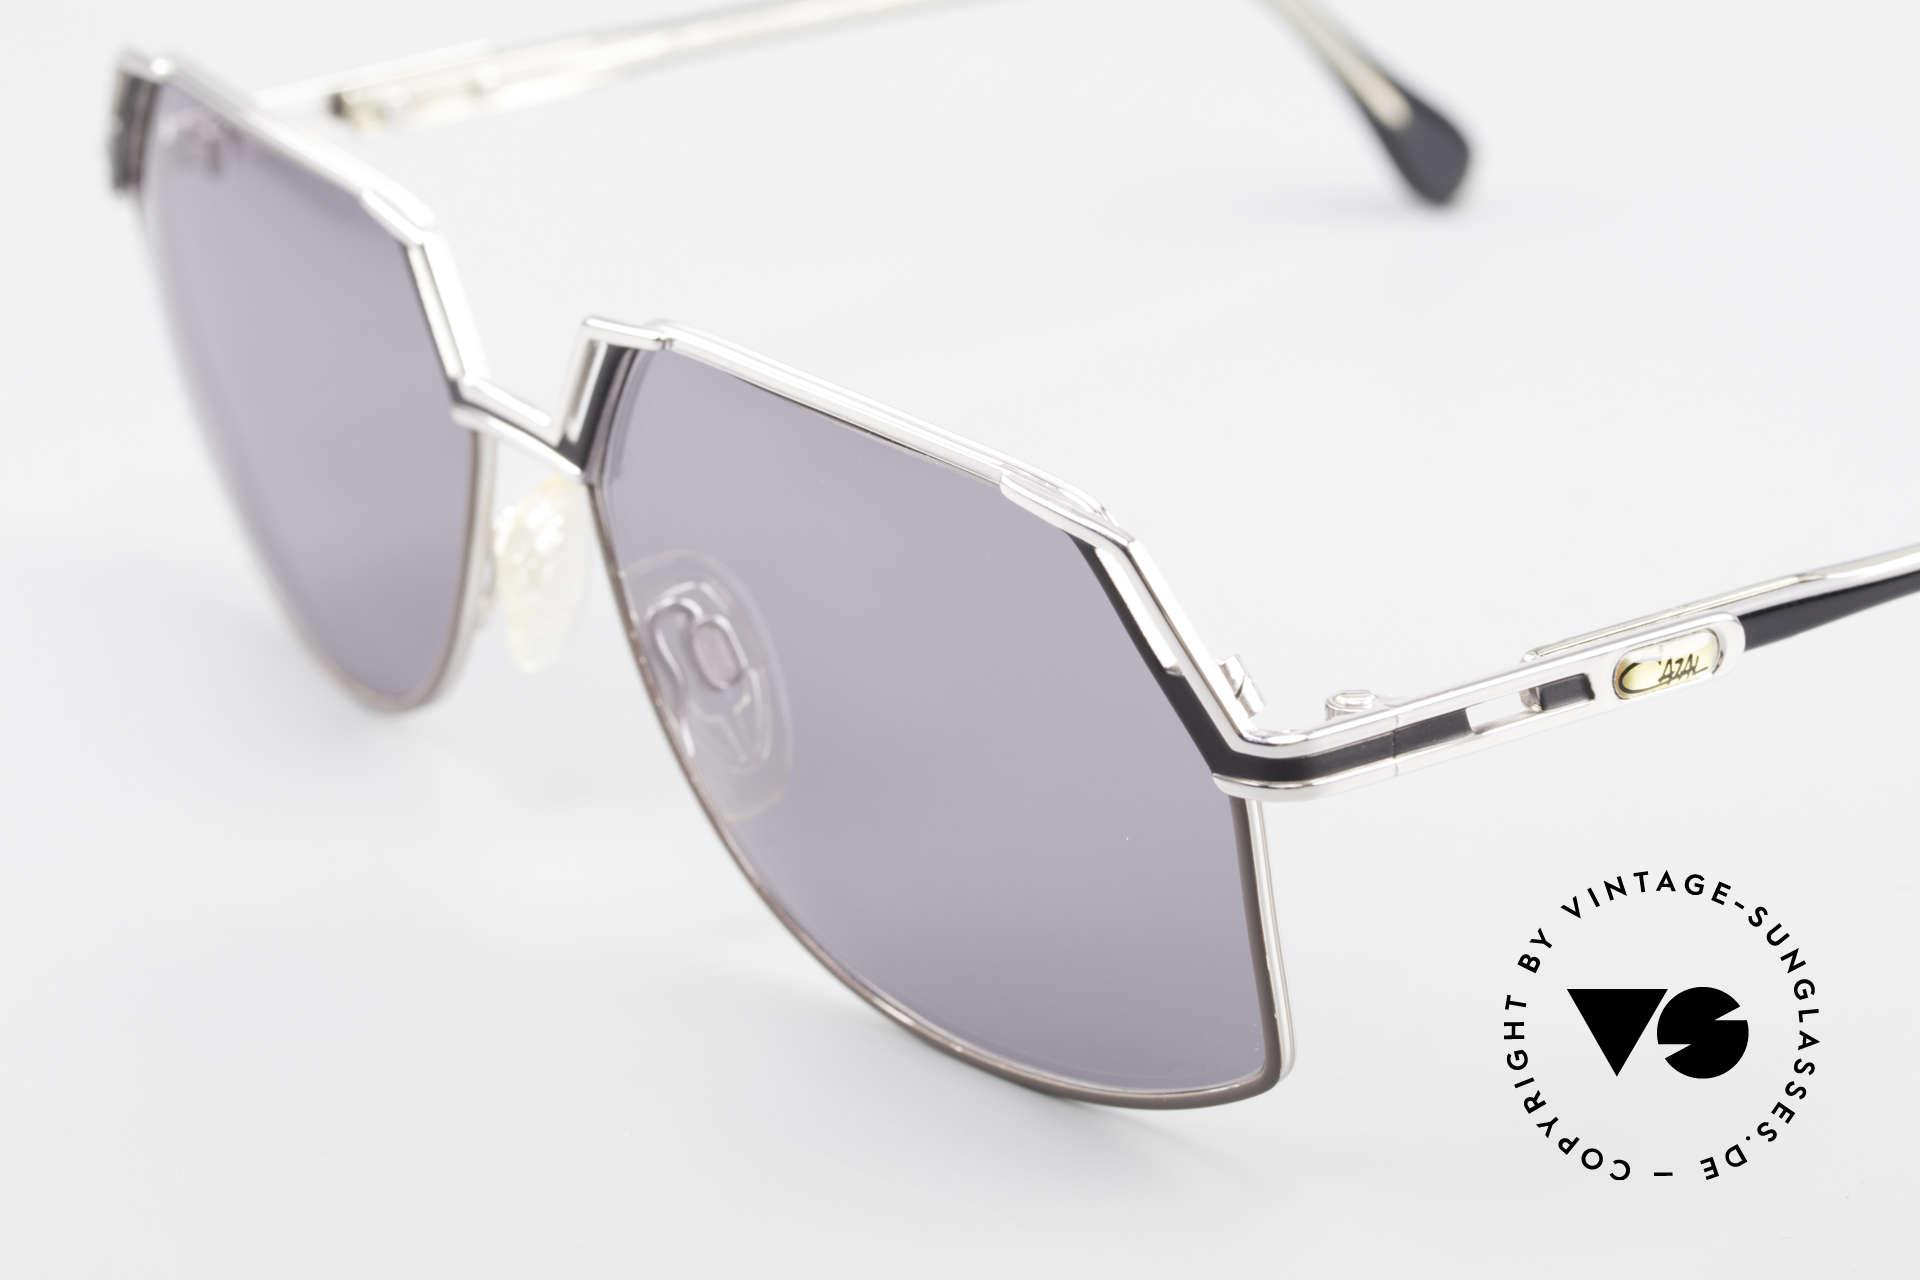 Cazal 738 True Vintage Sonnenbrille, ungetragen (wie alle unsere alten Cazal HipHop Brillen), Passend für Herren